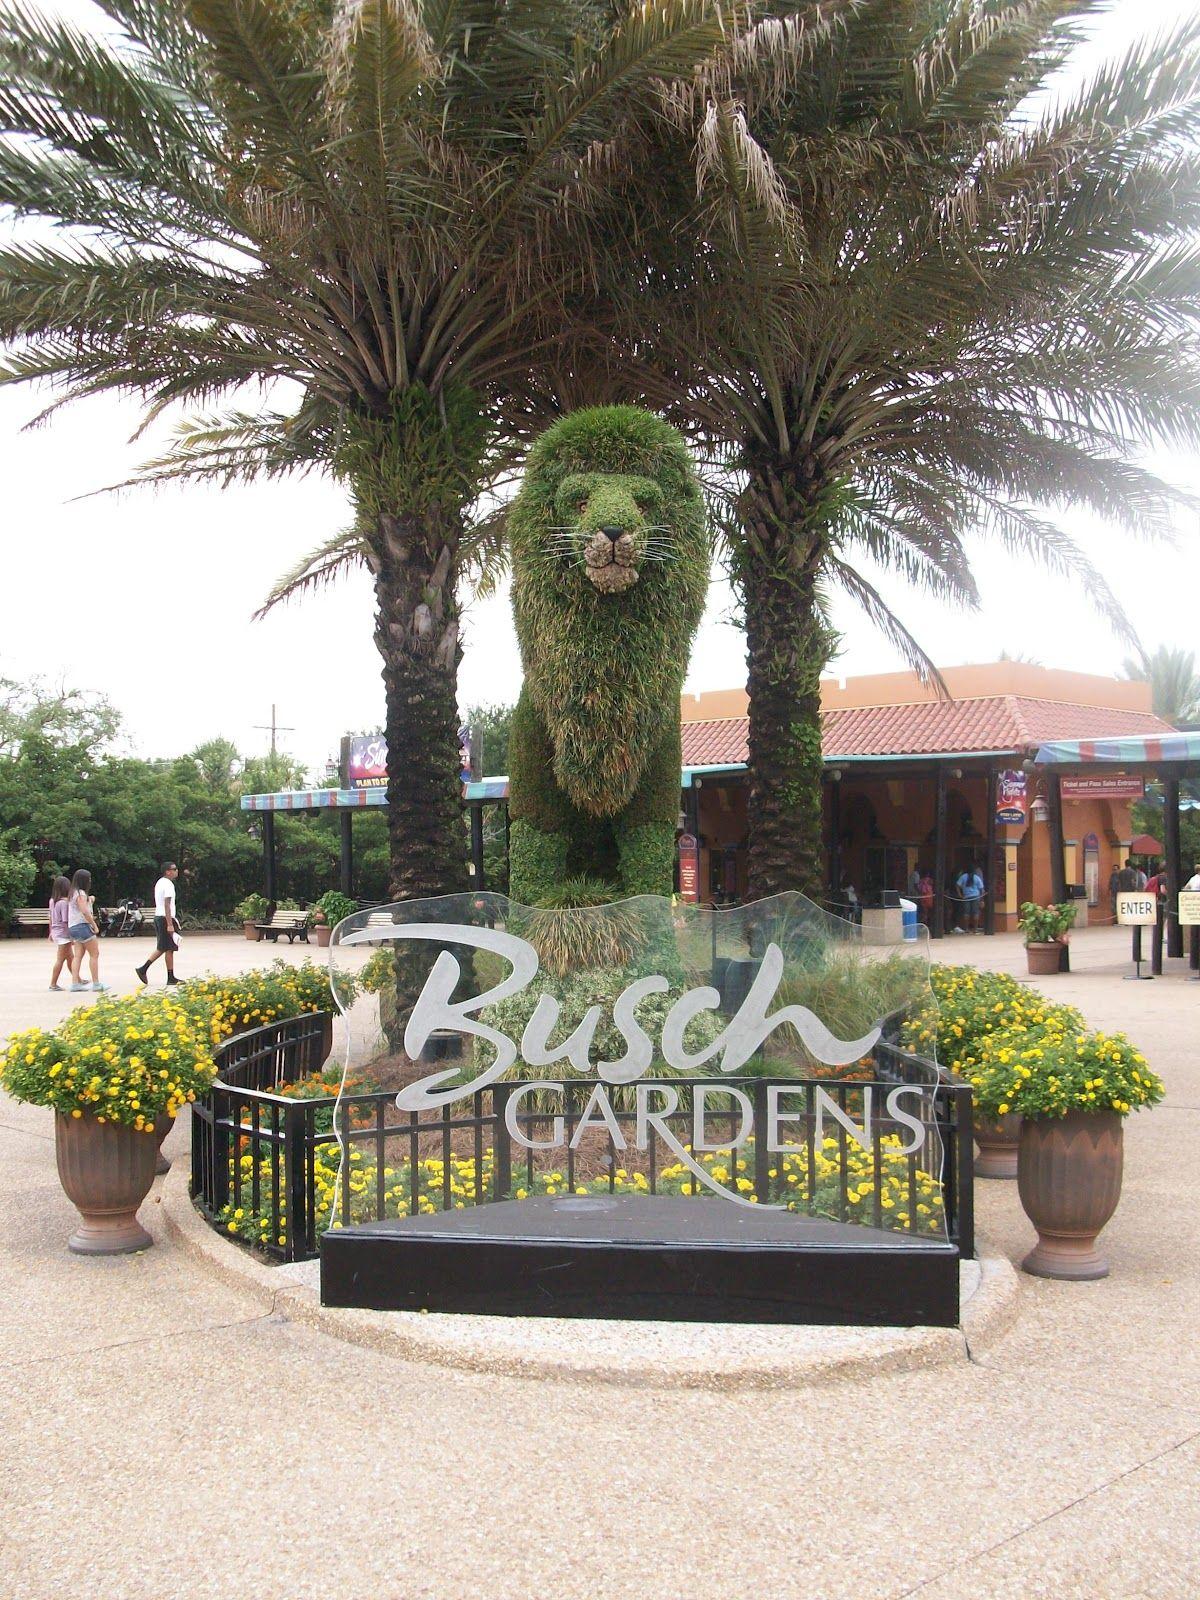 Busch Gardens Parks In Florida Garden Ftempo